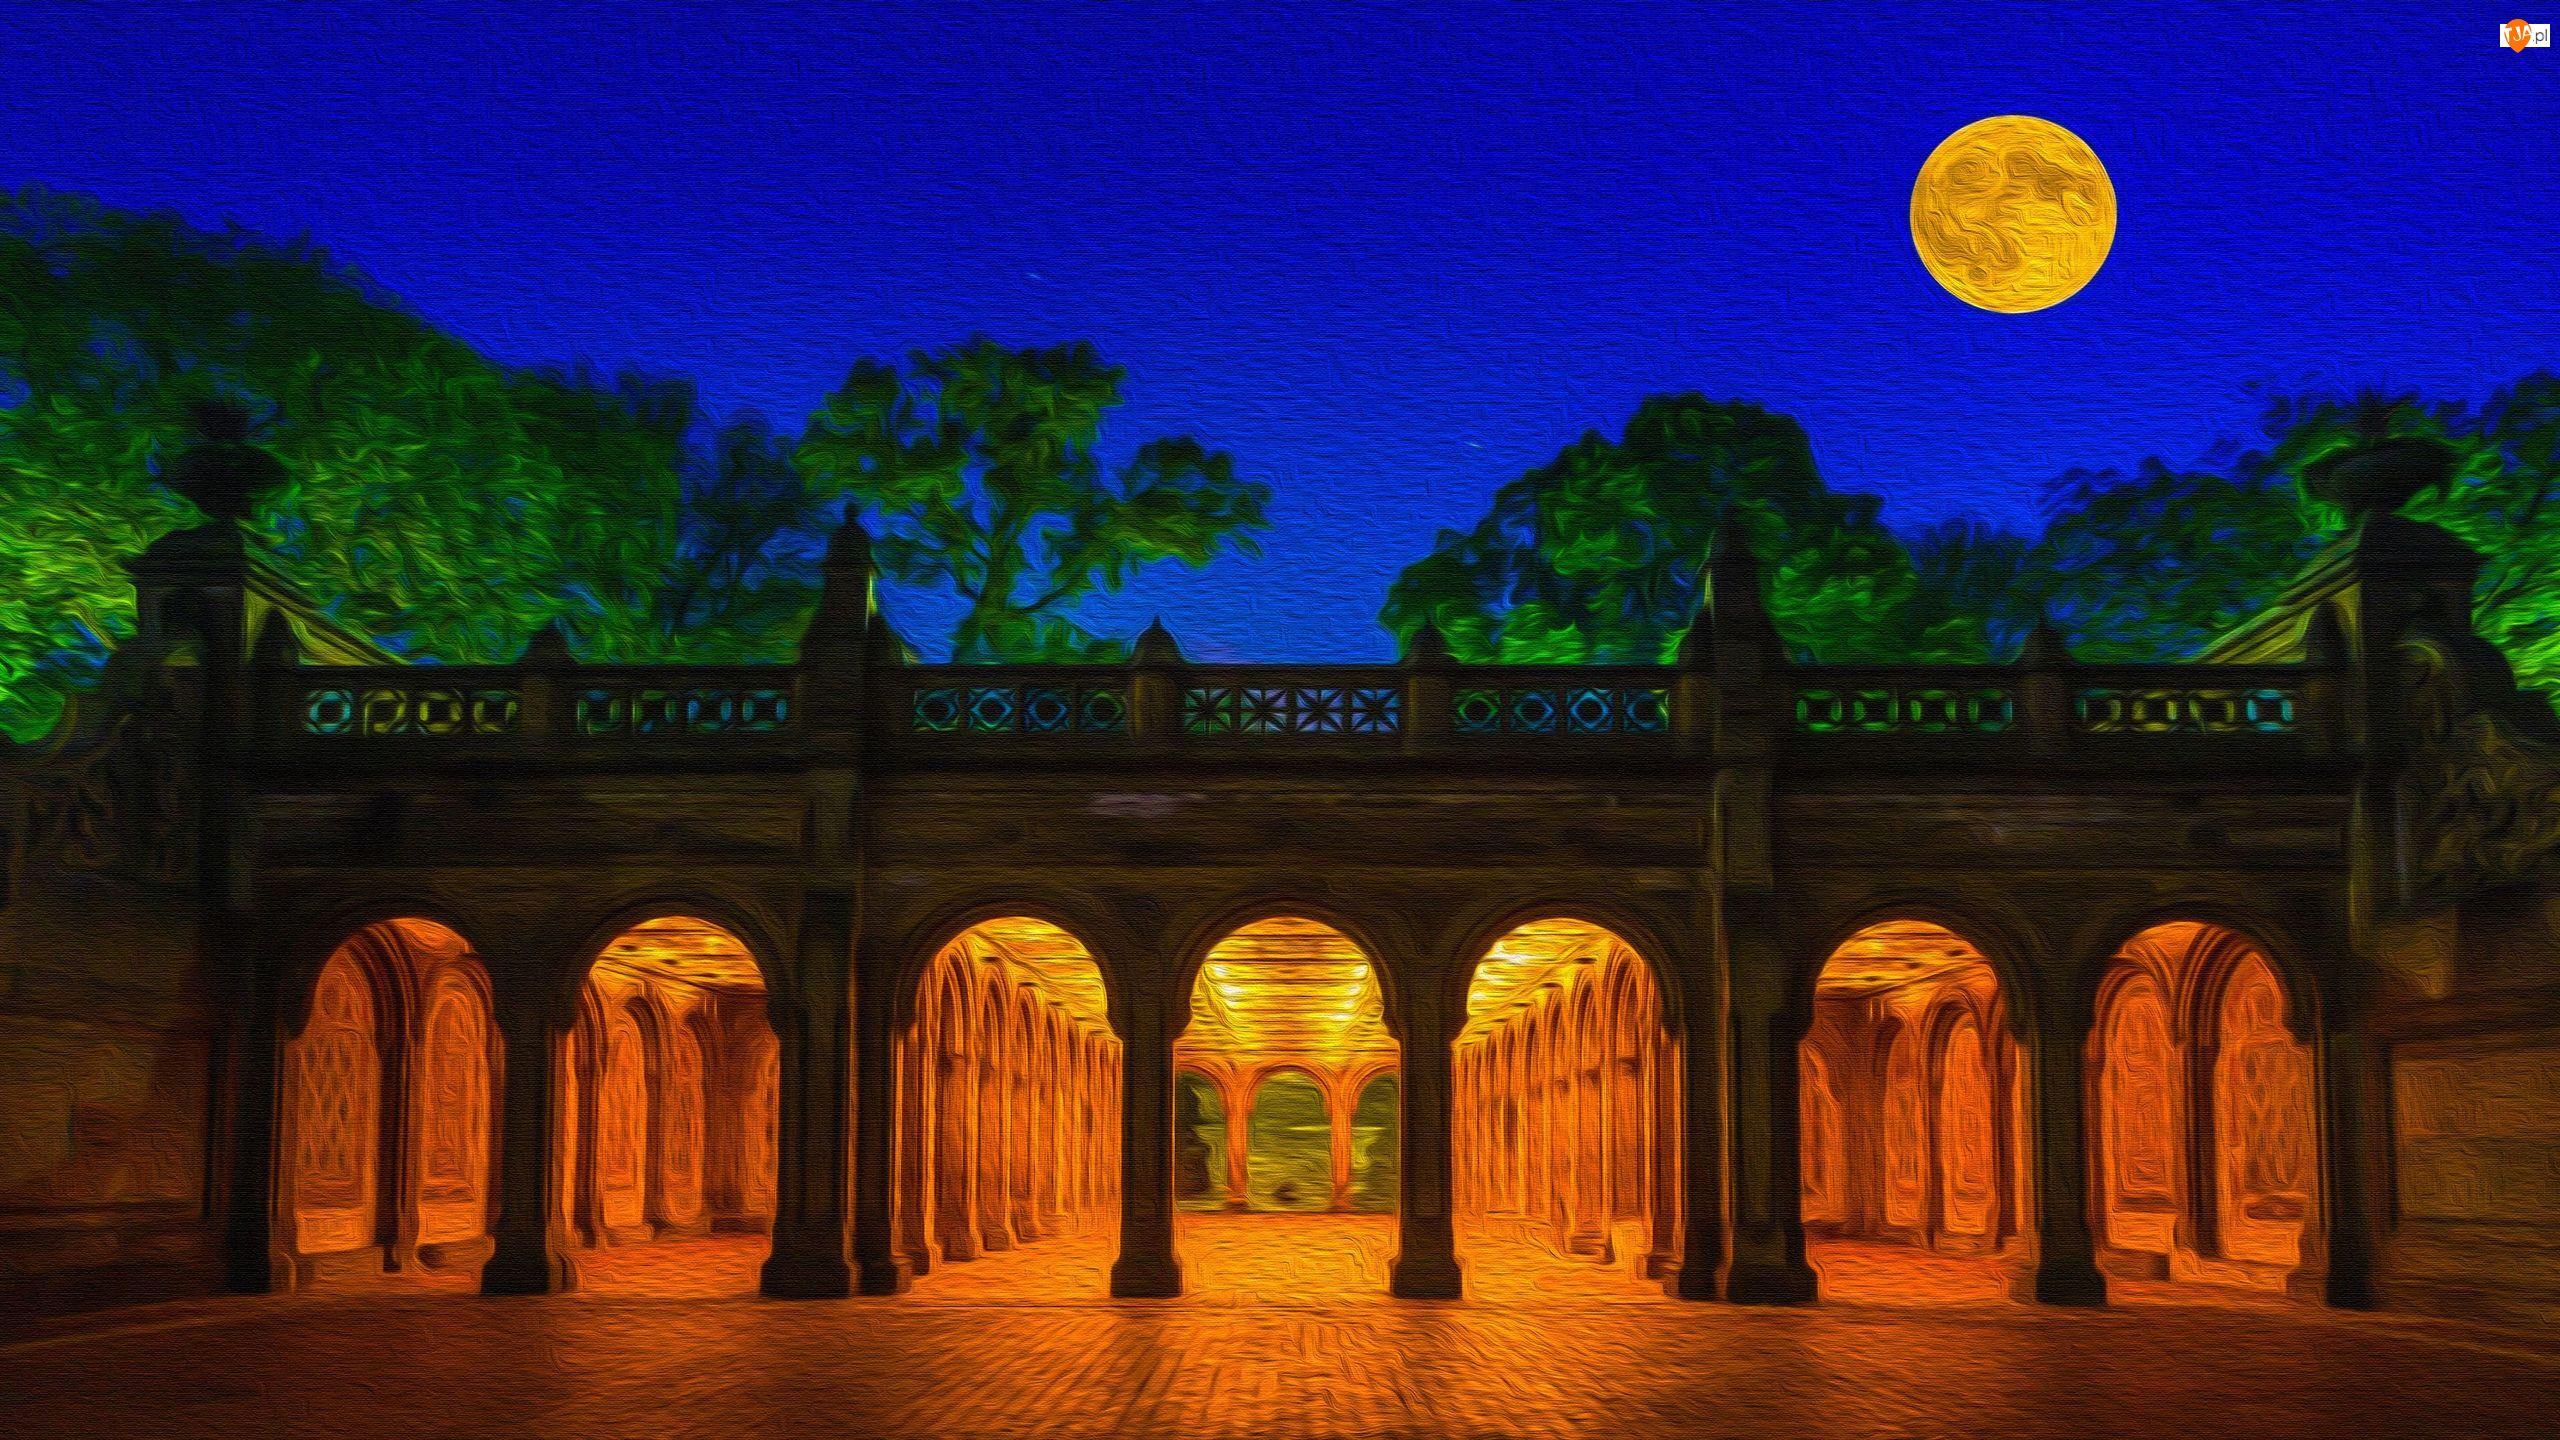 Stany Zjednoczone, Taras, Nowy Jork, Księżyc, Central Park, Bethesda Terrace, Noc, Grafika, Drzewa